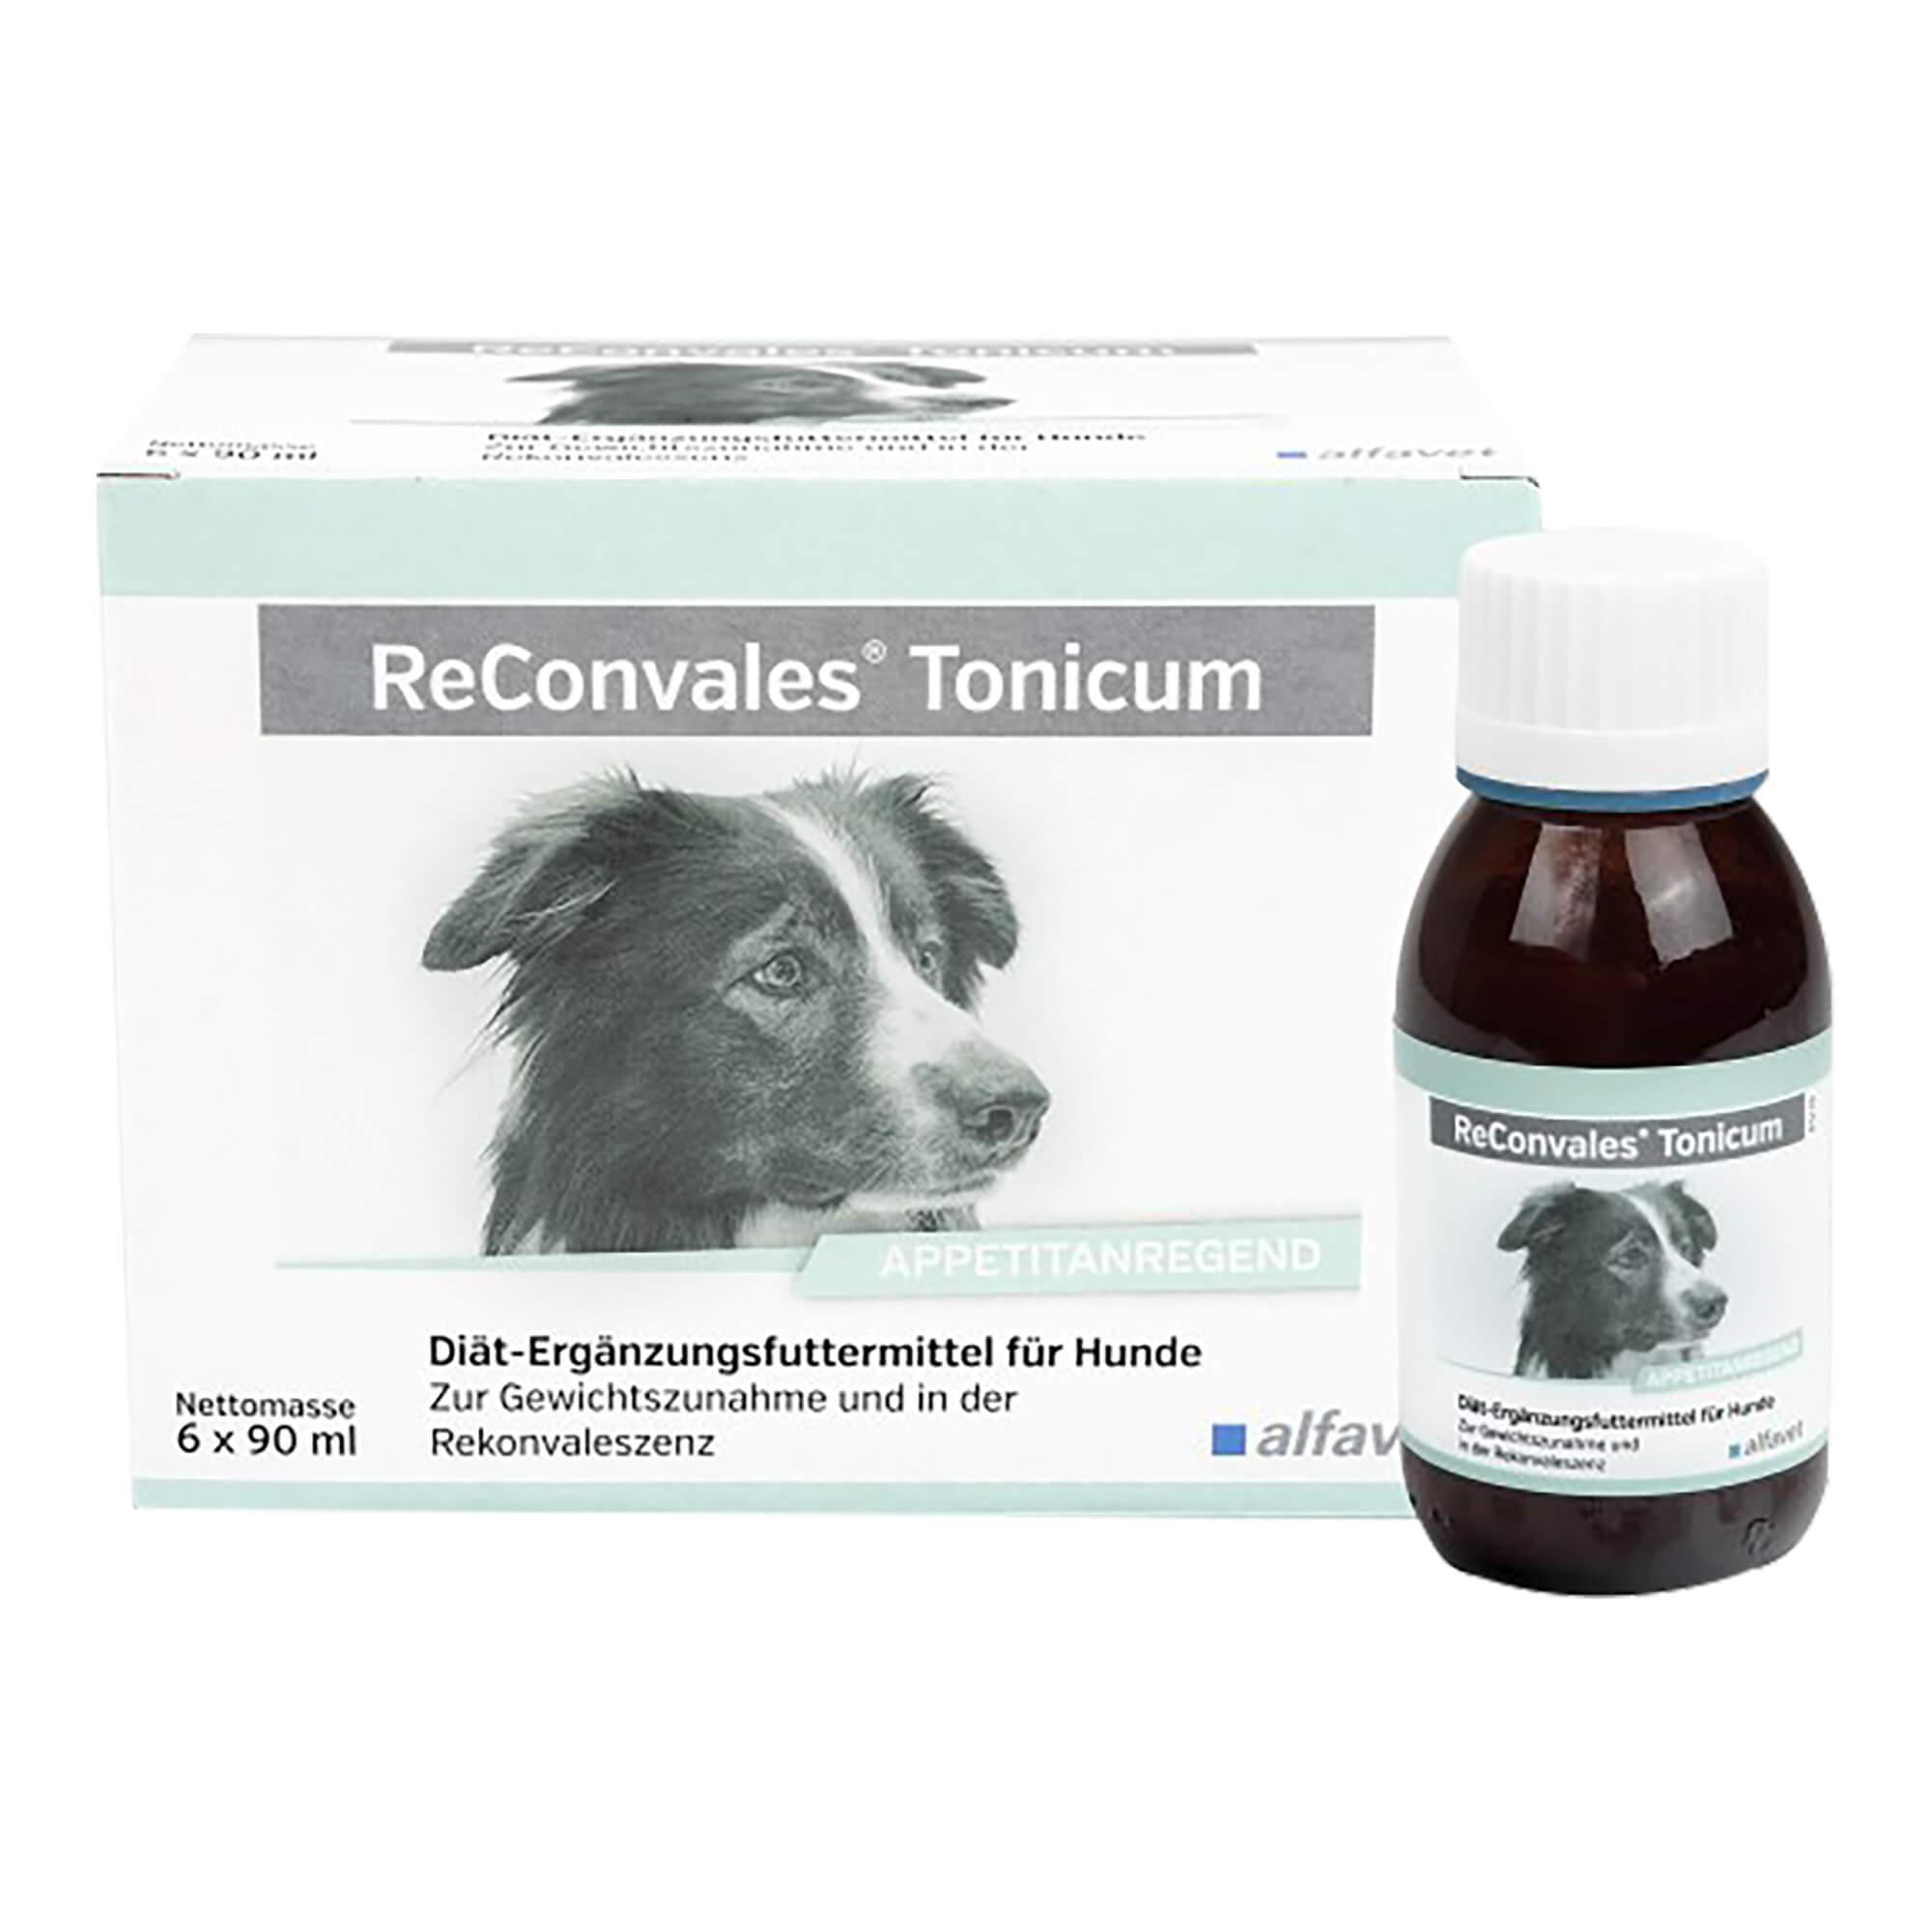 ReConvales Tonicum für Hunde